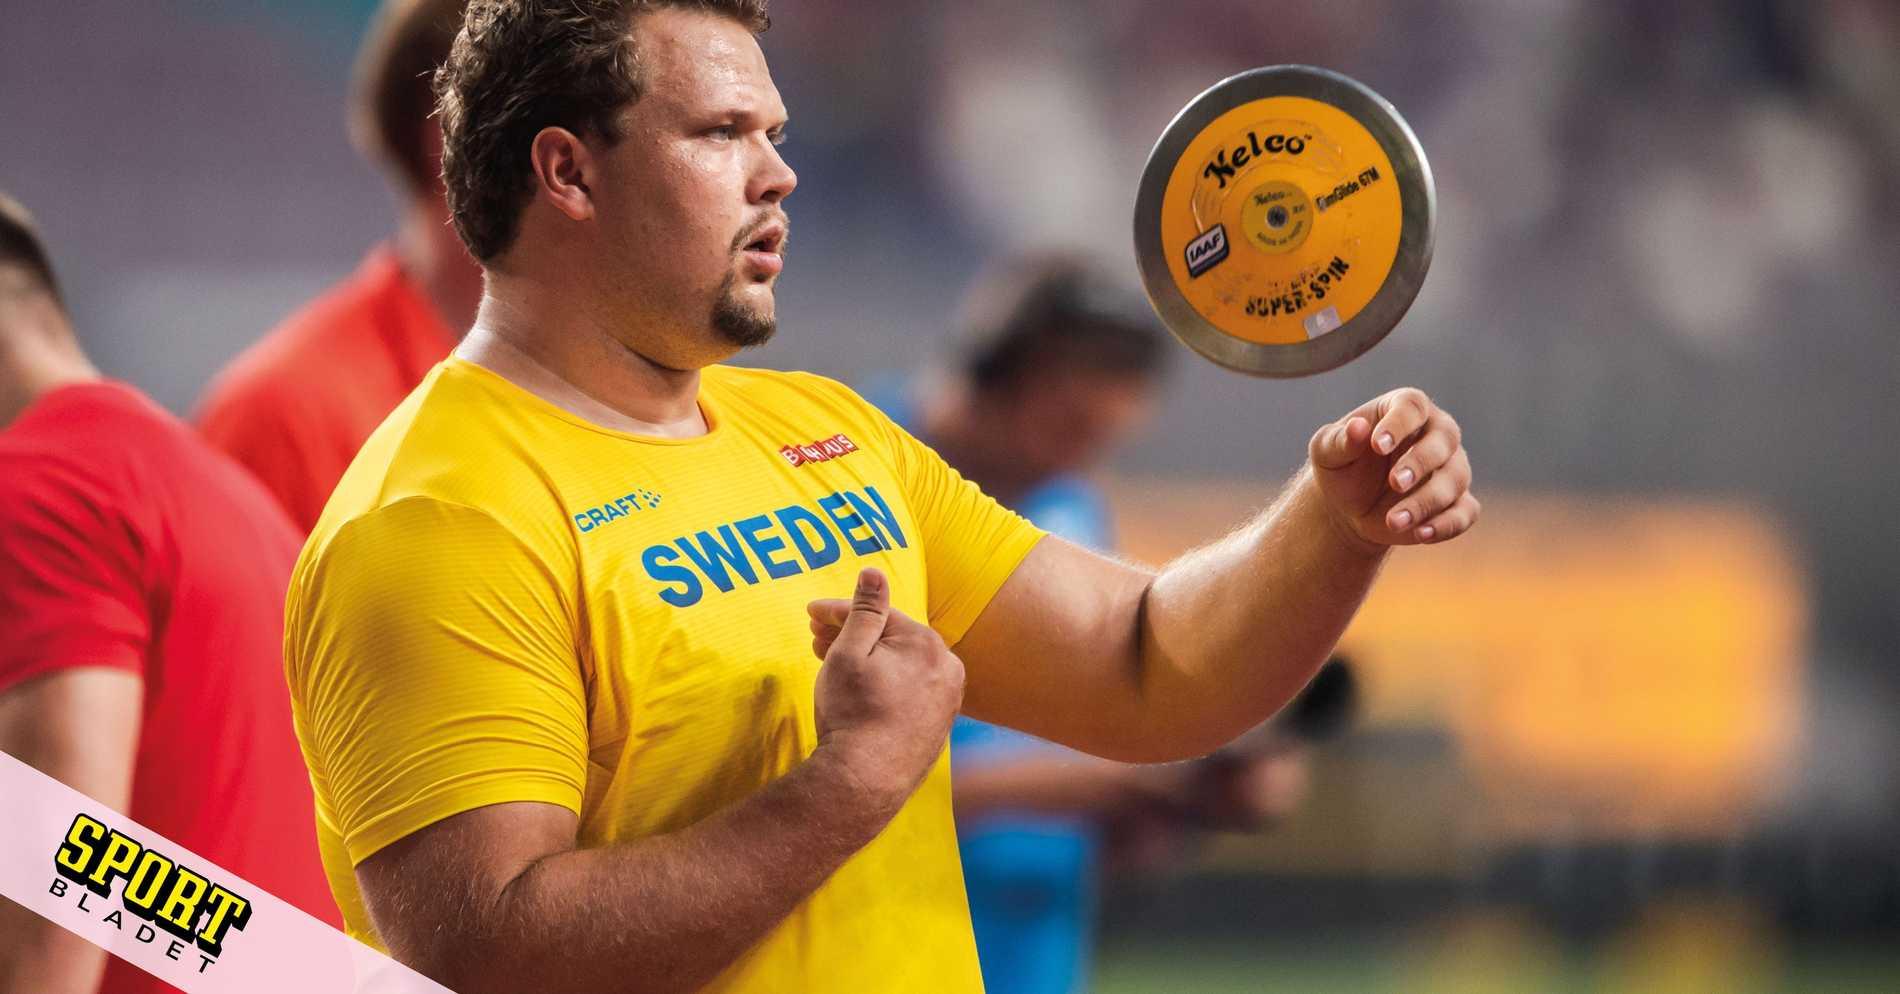 Sverige rasar kring hanteringen av Ståhlprotest